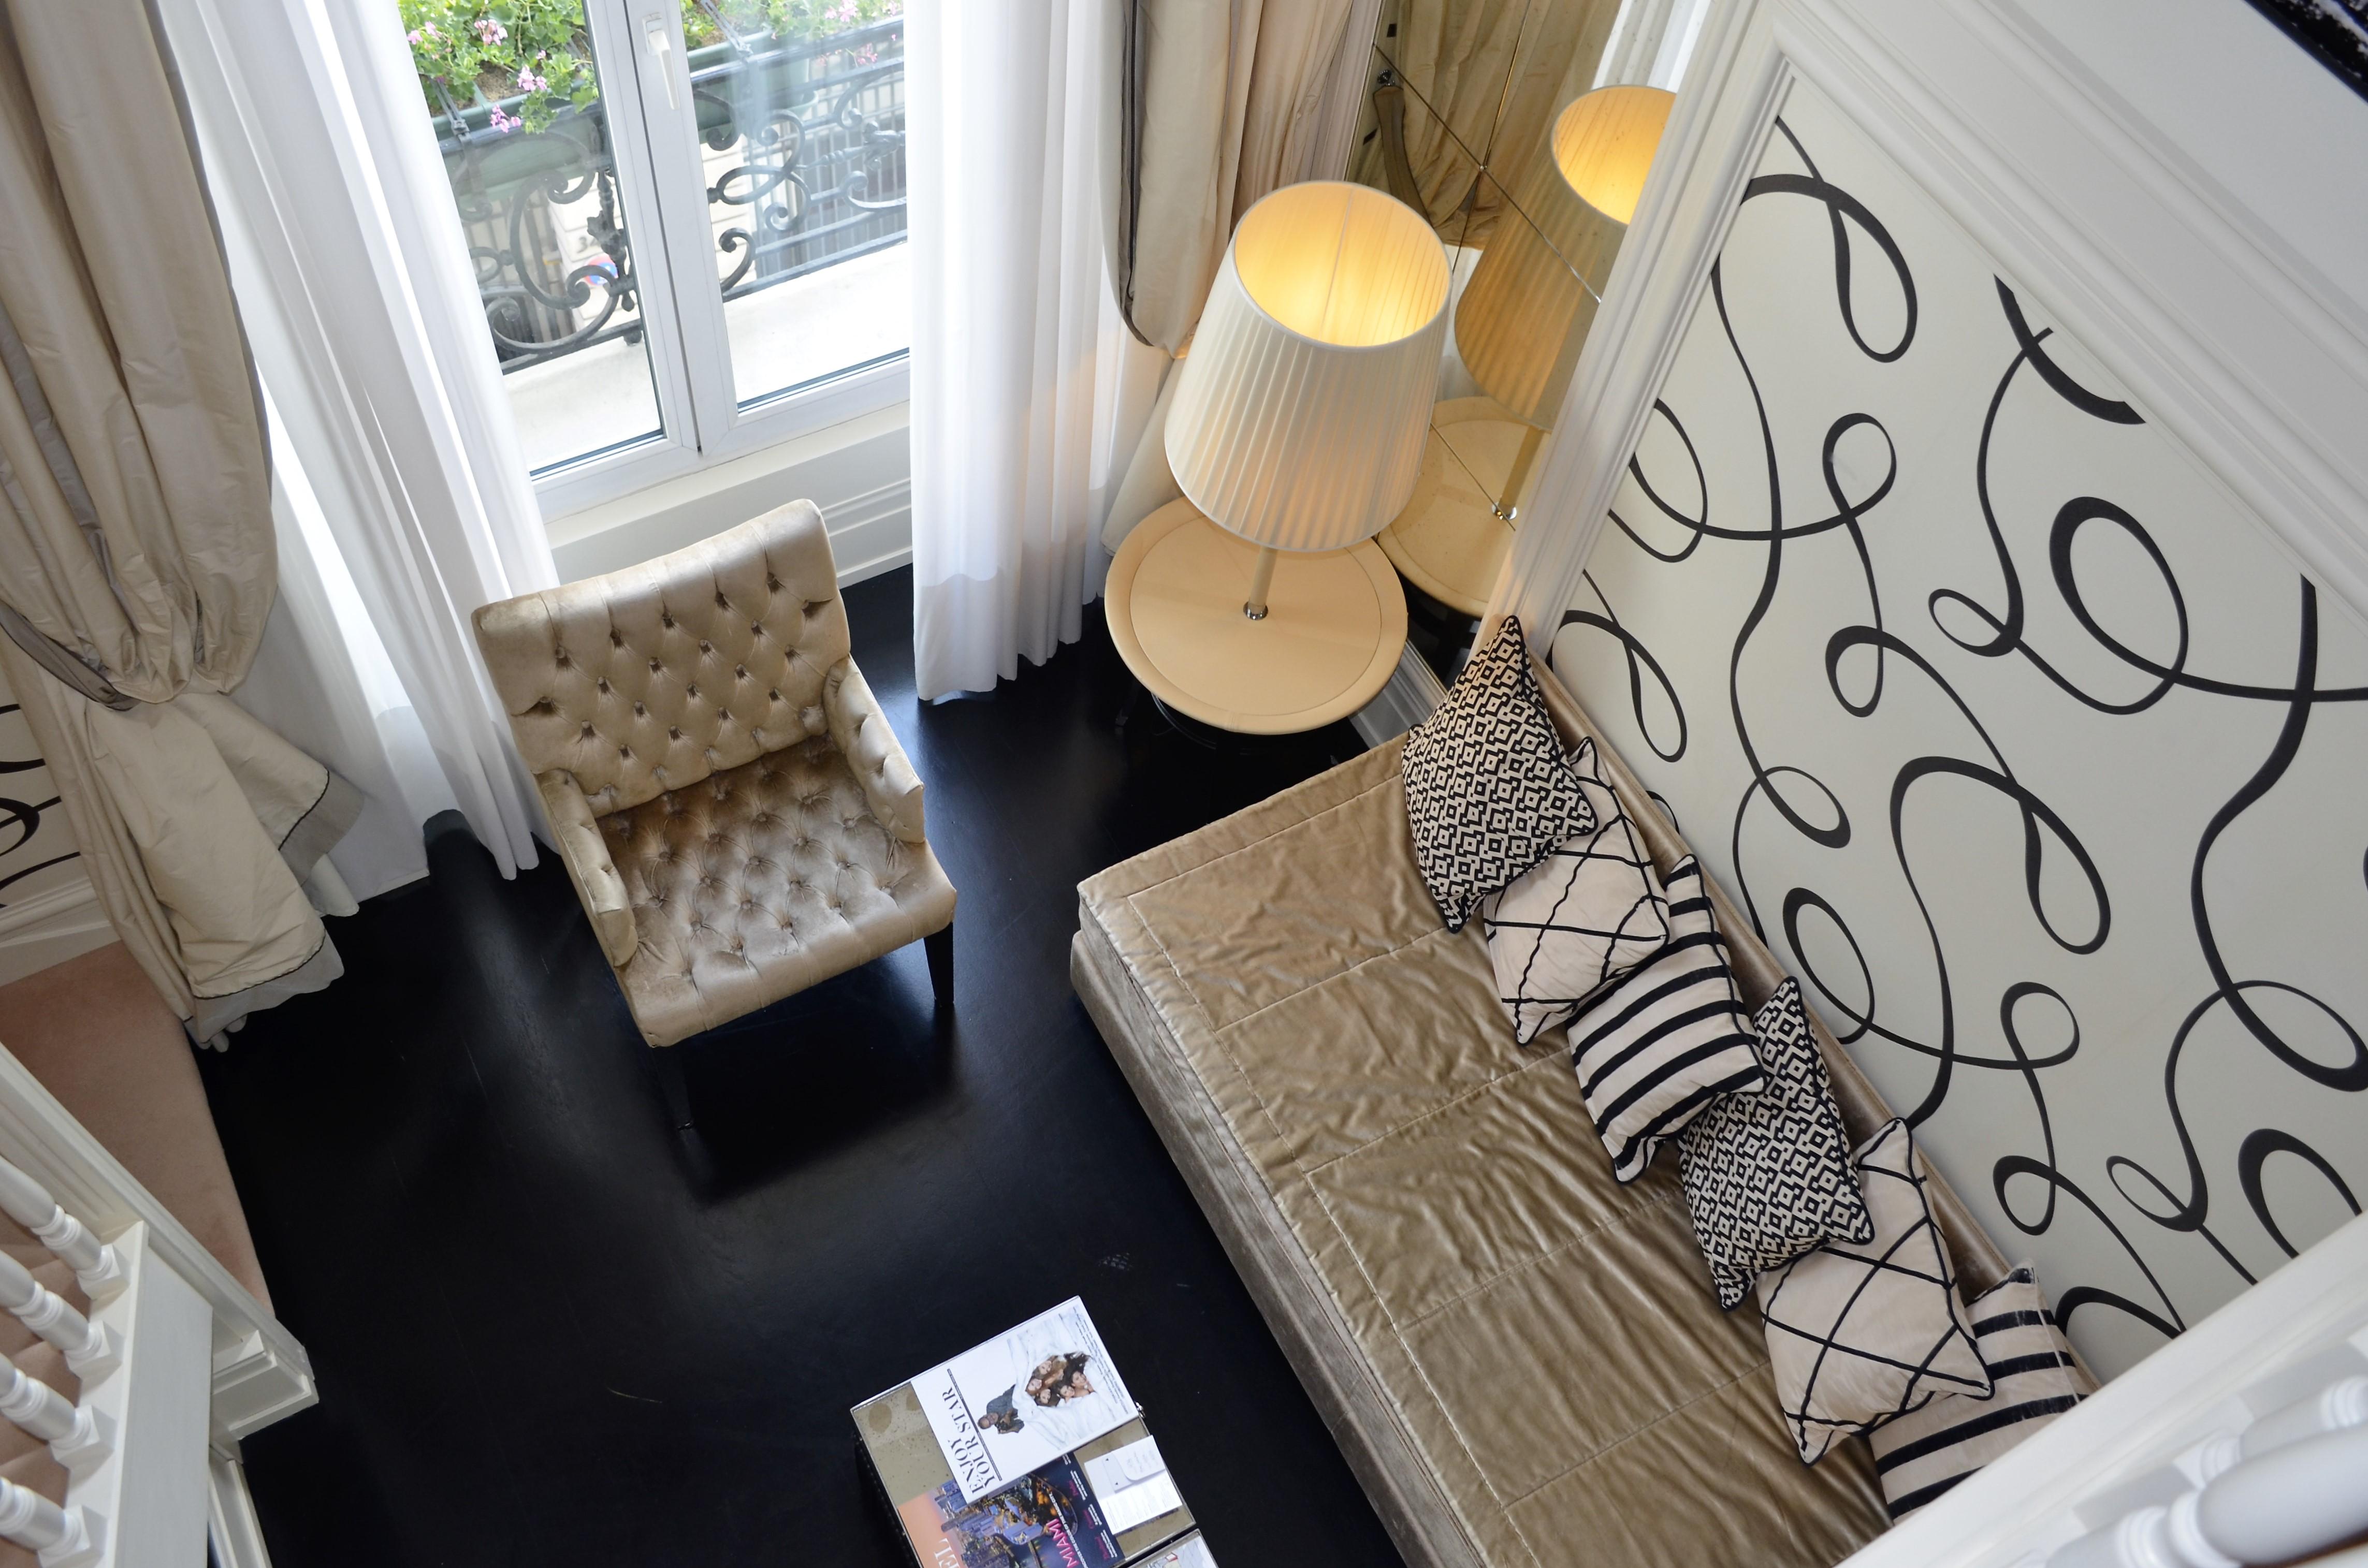 <a class=&quot;amazingslider-posttitle-link&quot; href=&quot;http://www.labeauteparisienne.com/2016/10/14/castille-hotel-paris/&quot;>Vie parisienne : dans la Suite de l&#39;hôtel Castille Paris...</a>